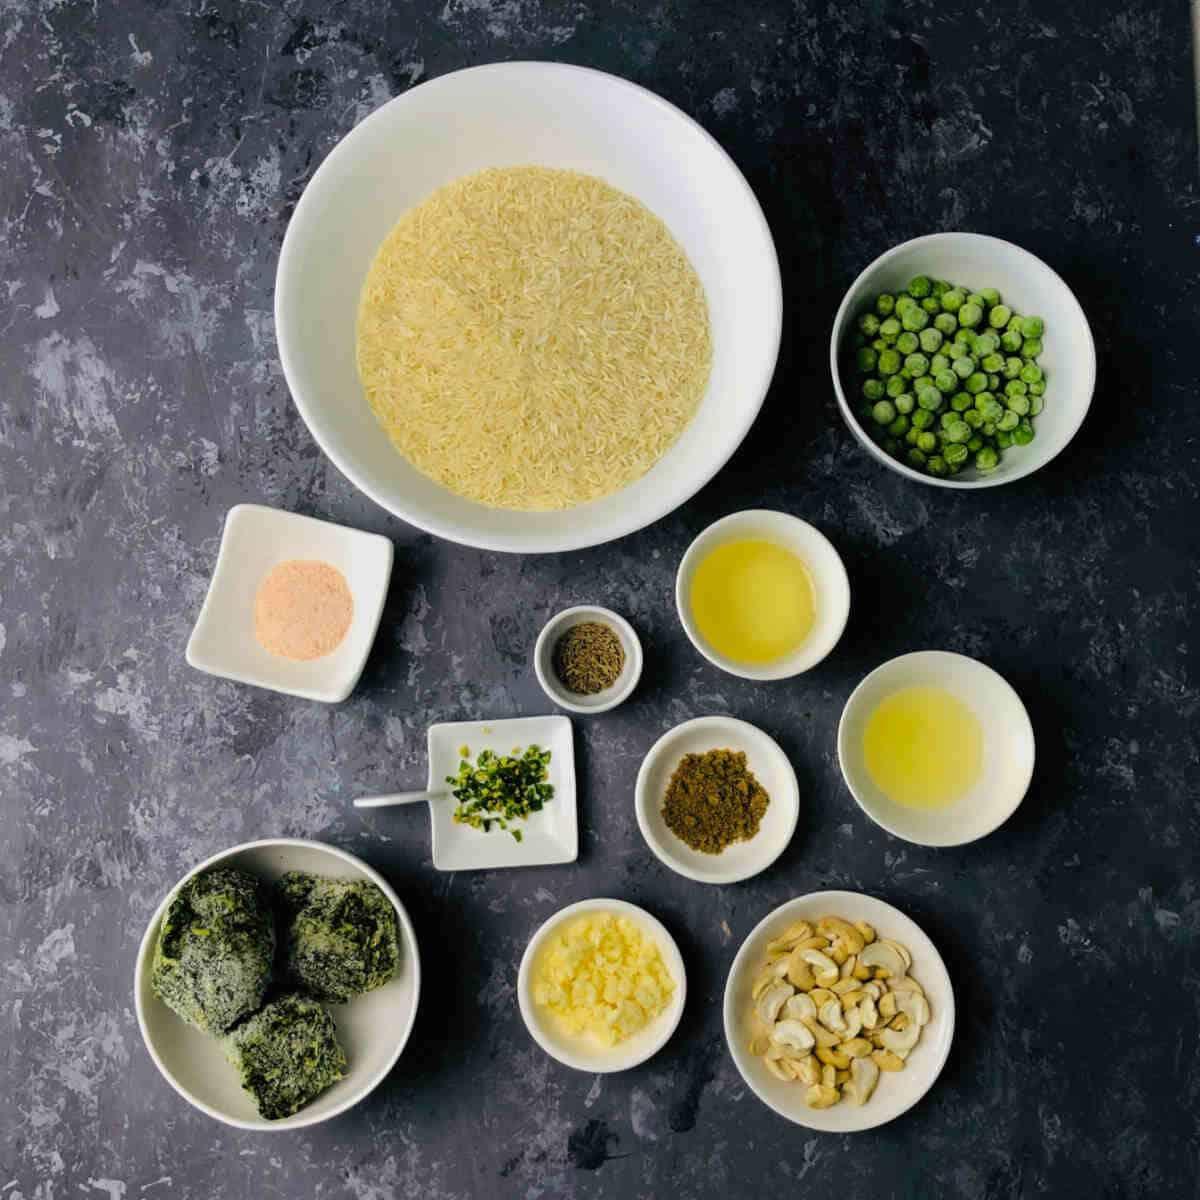 ingredients to make methi rice